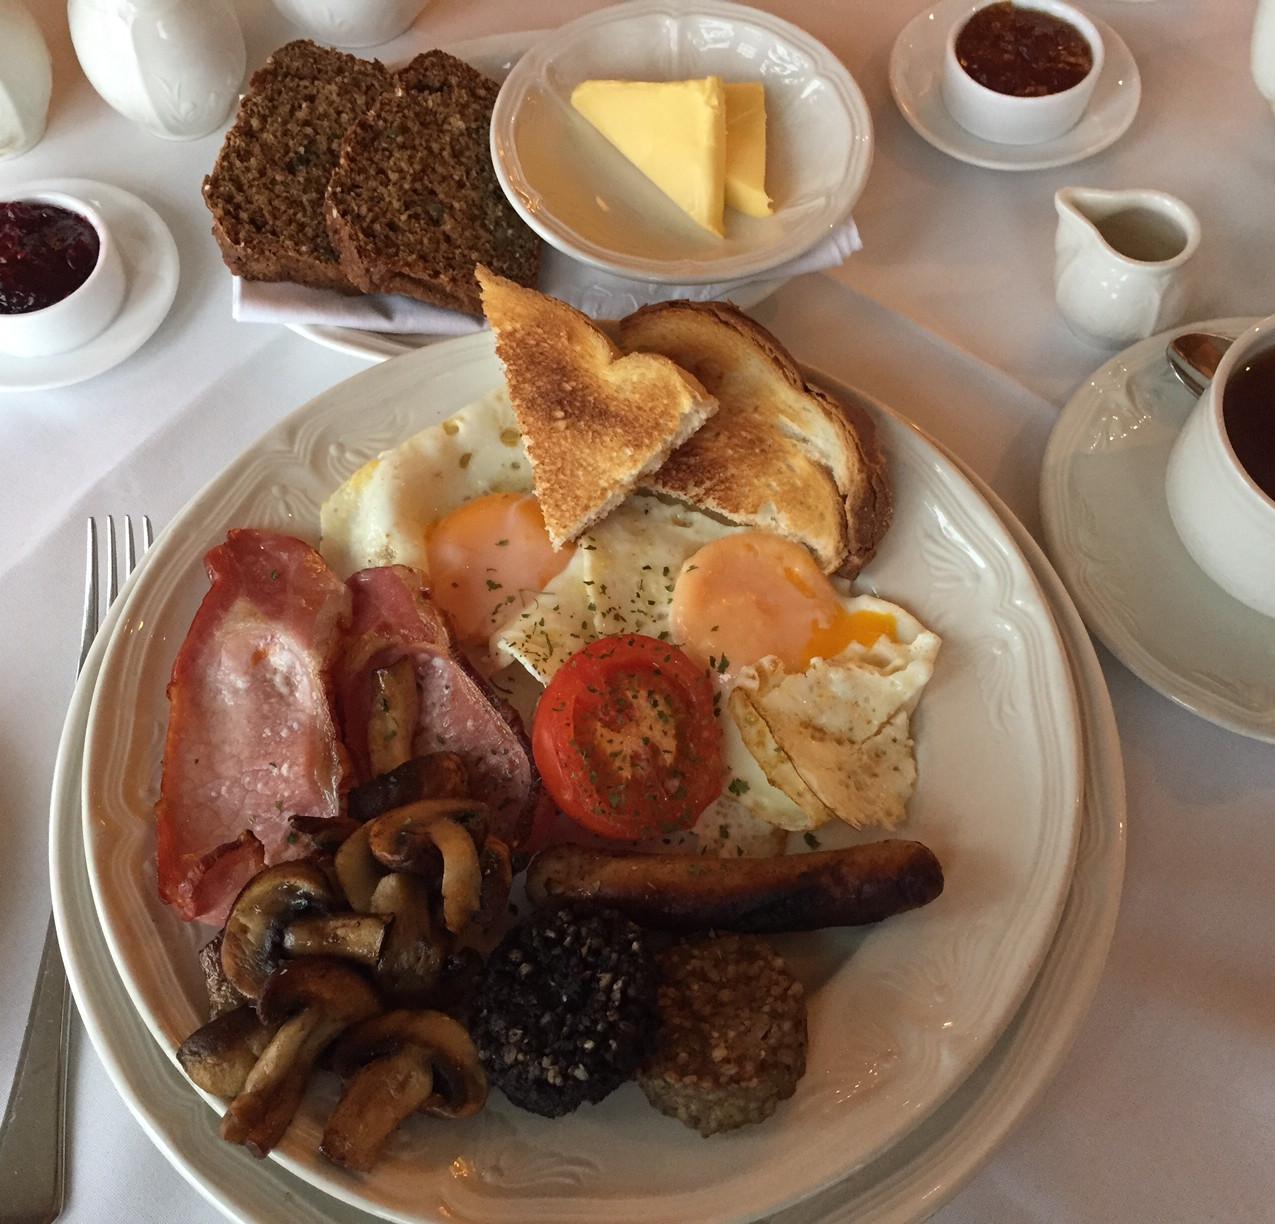 Stunning breakfast